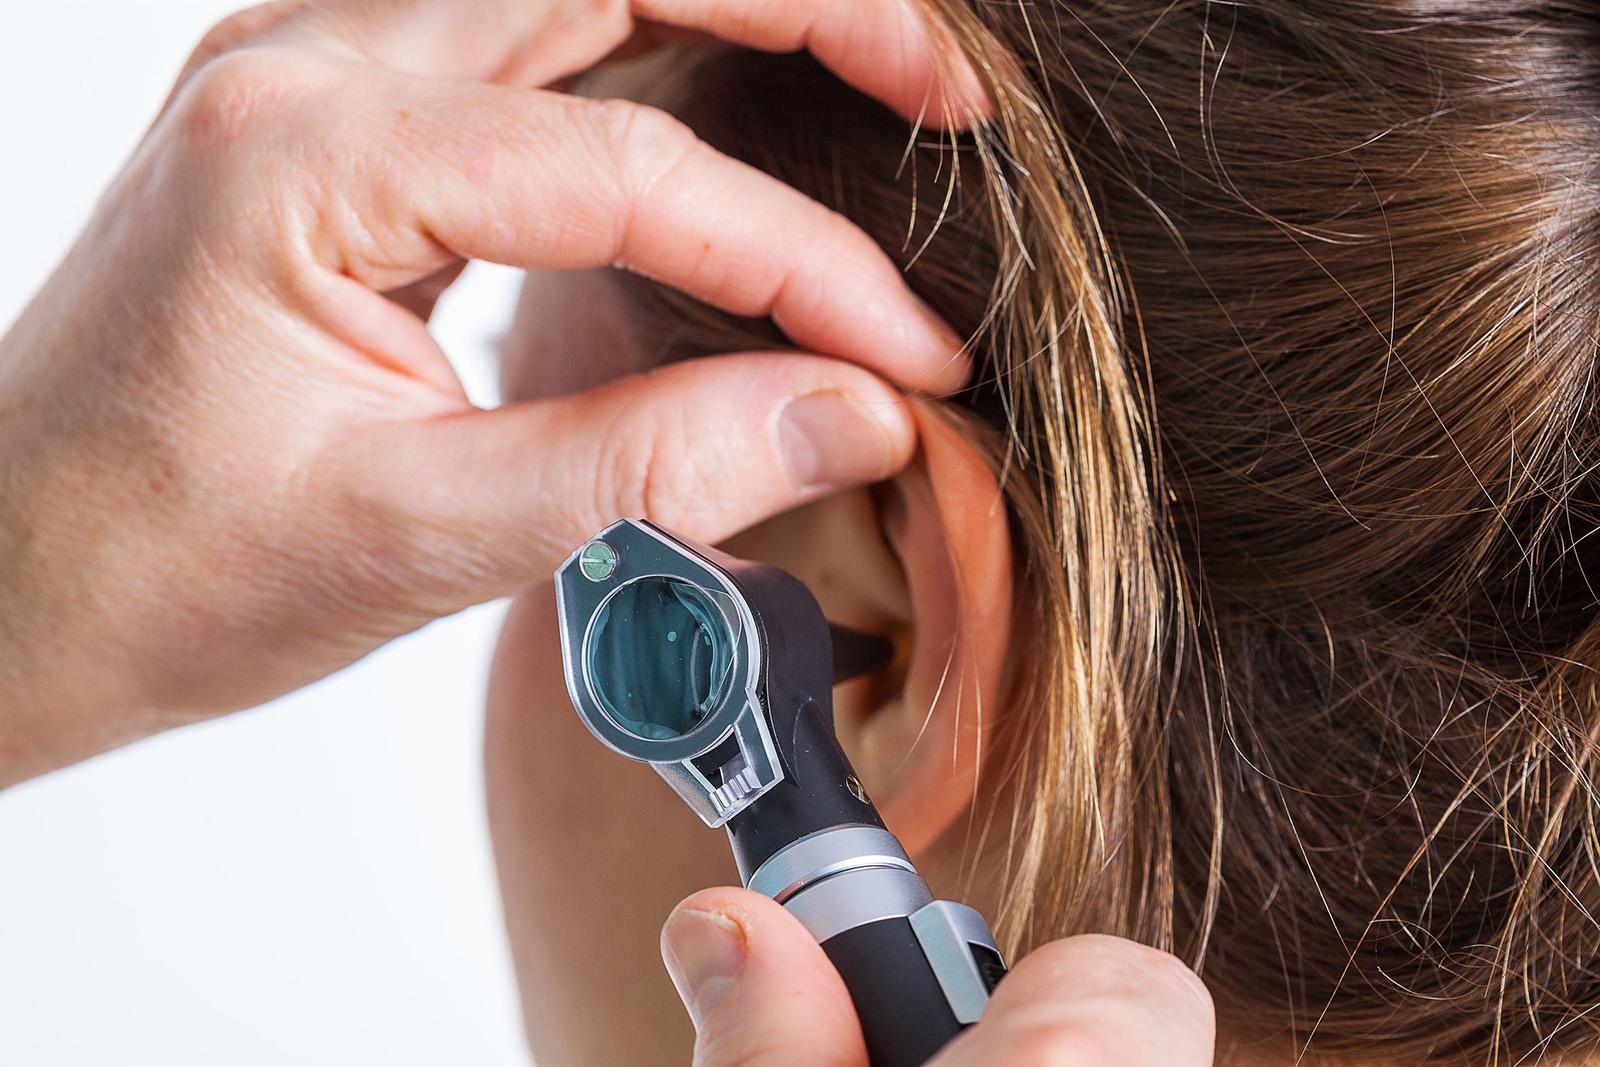 hogyan kezeli a fülben lévő pikkelysömör? vörös foltok és dudorok a lábakon